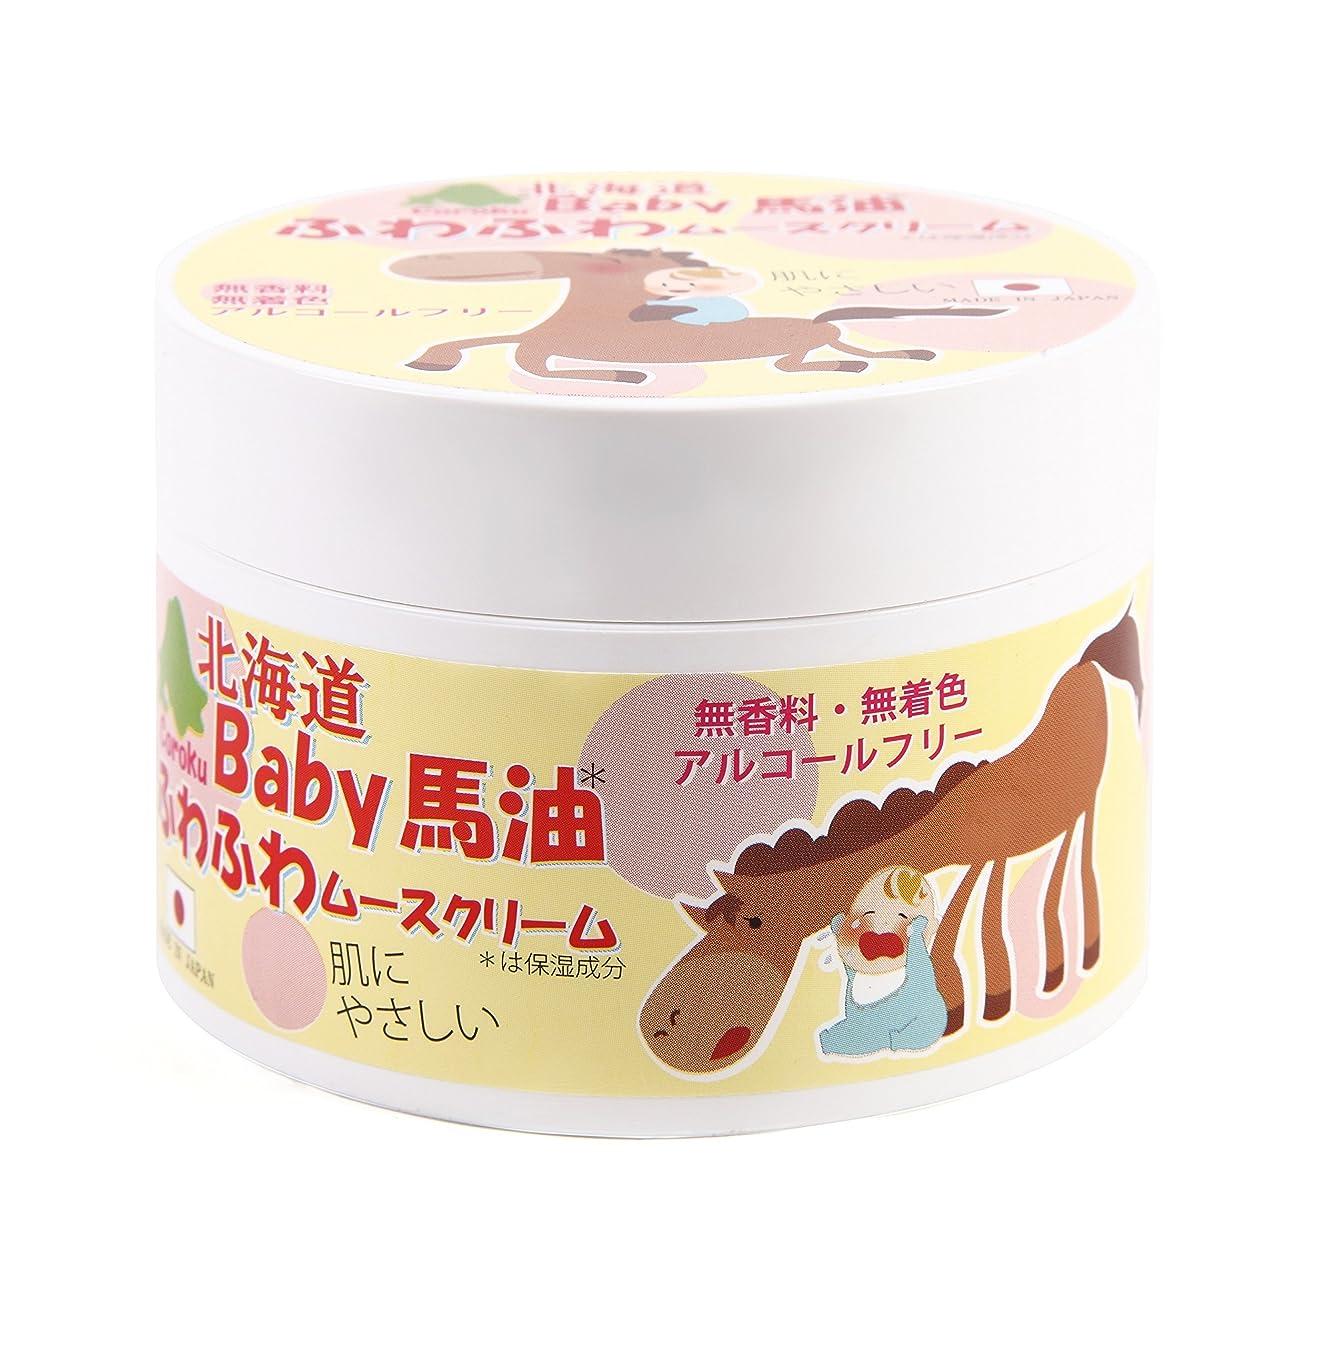 退化する意外させる小六 北海道Baby馬油 ふわふわムースクリーム 200mL